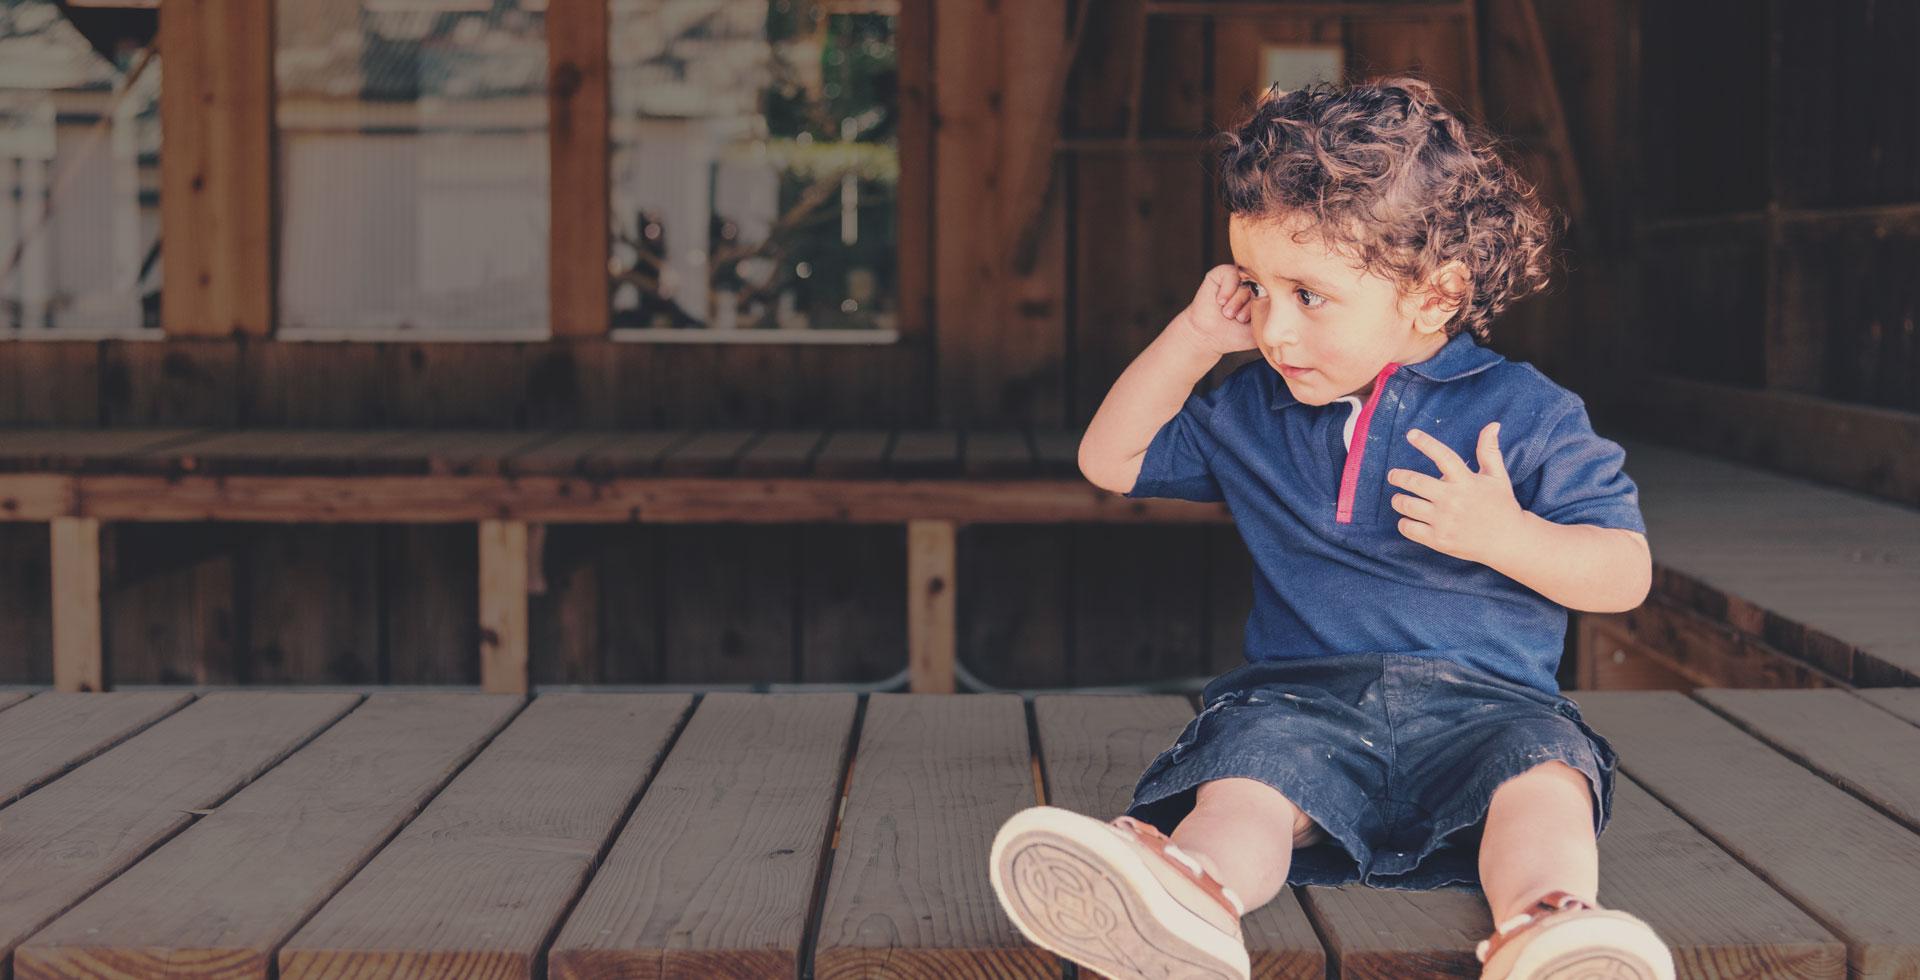 Prevent Child Abuse – B.A.B.E.S., Inc.